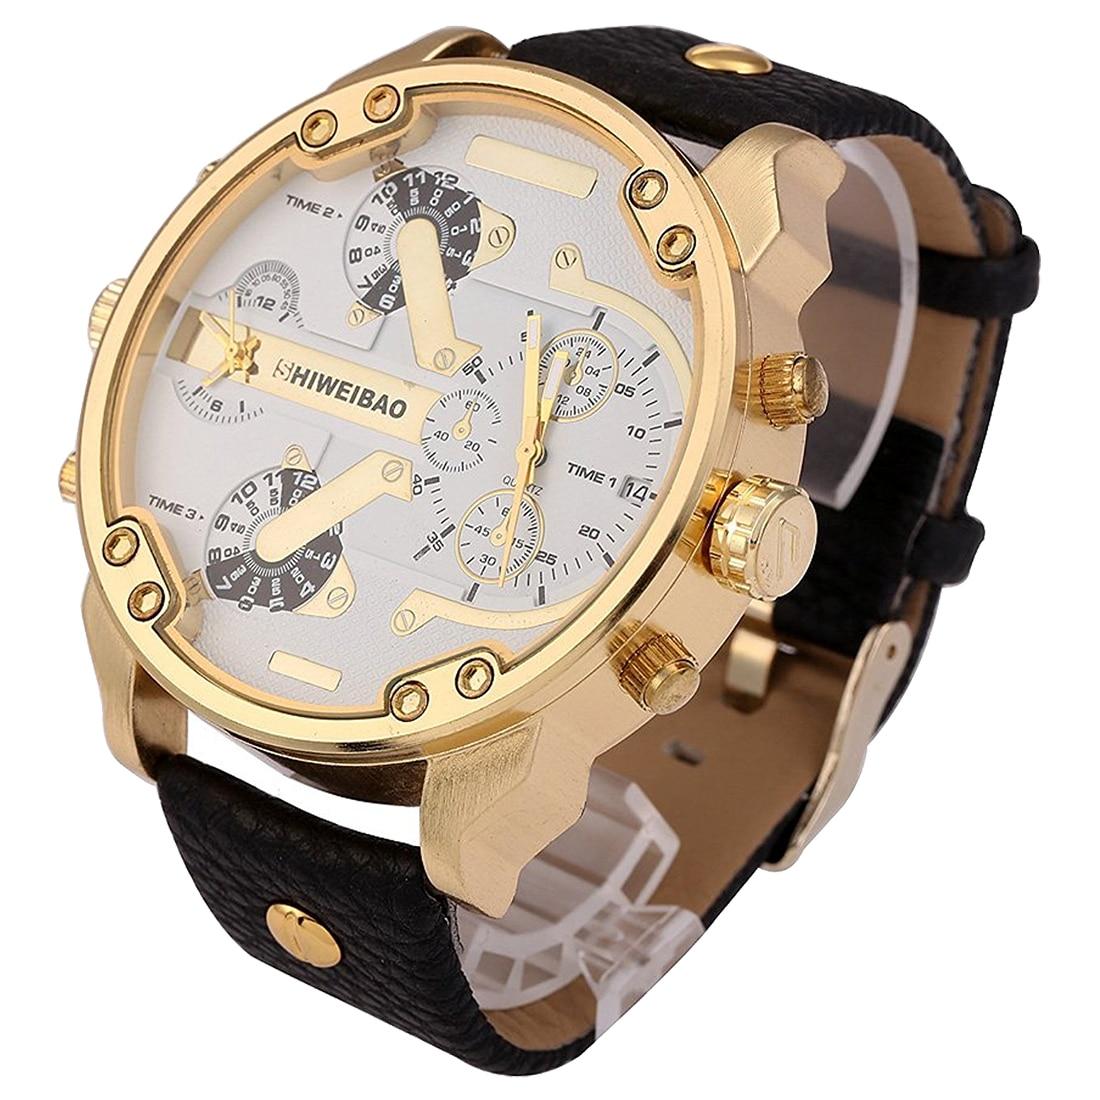 SHIWEIBAO 3137 Quartz Watch Cool Fashion Men's Leather Double Dial Large Dial black white shiweibao a1165 casual oversized dial quartz watch for men